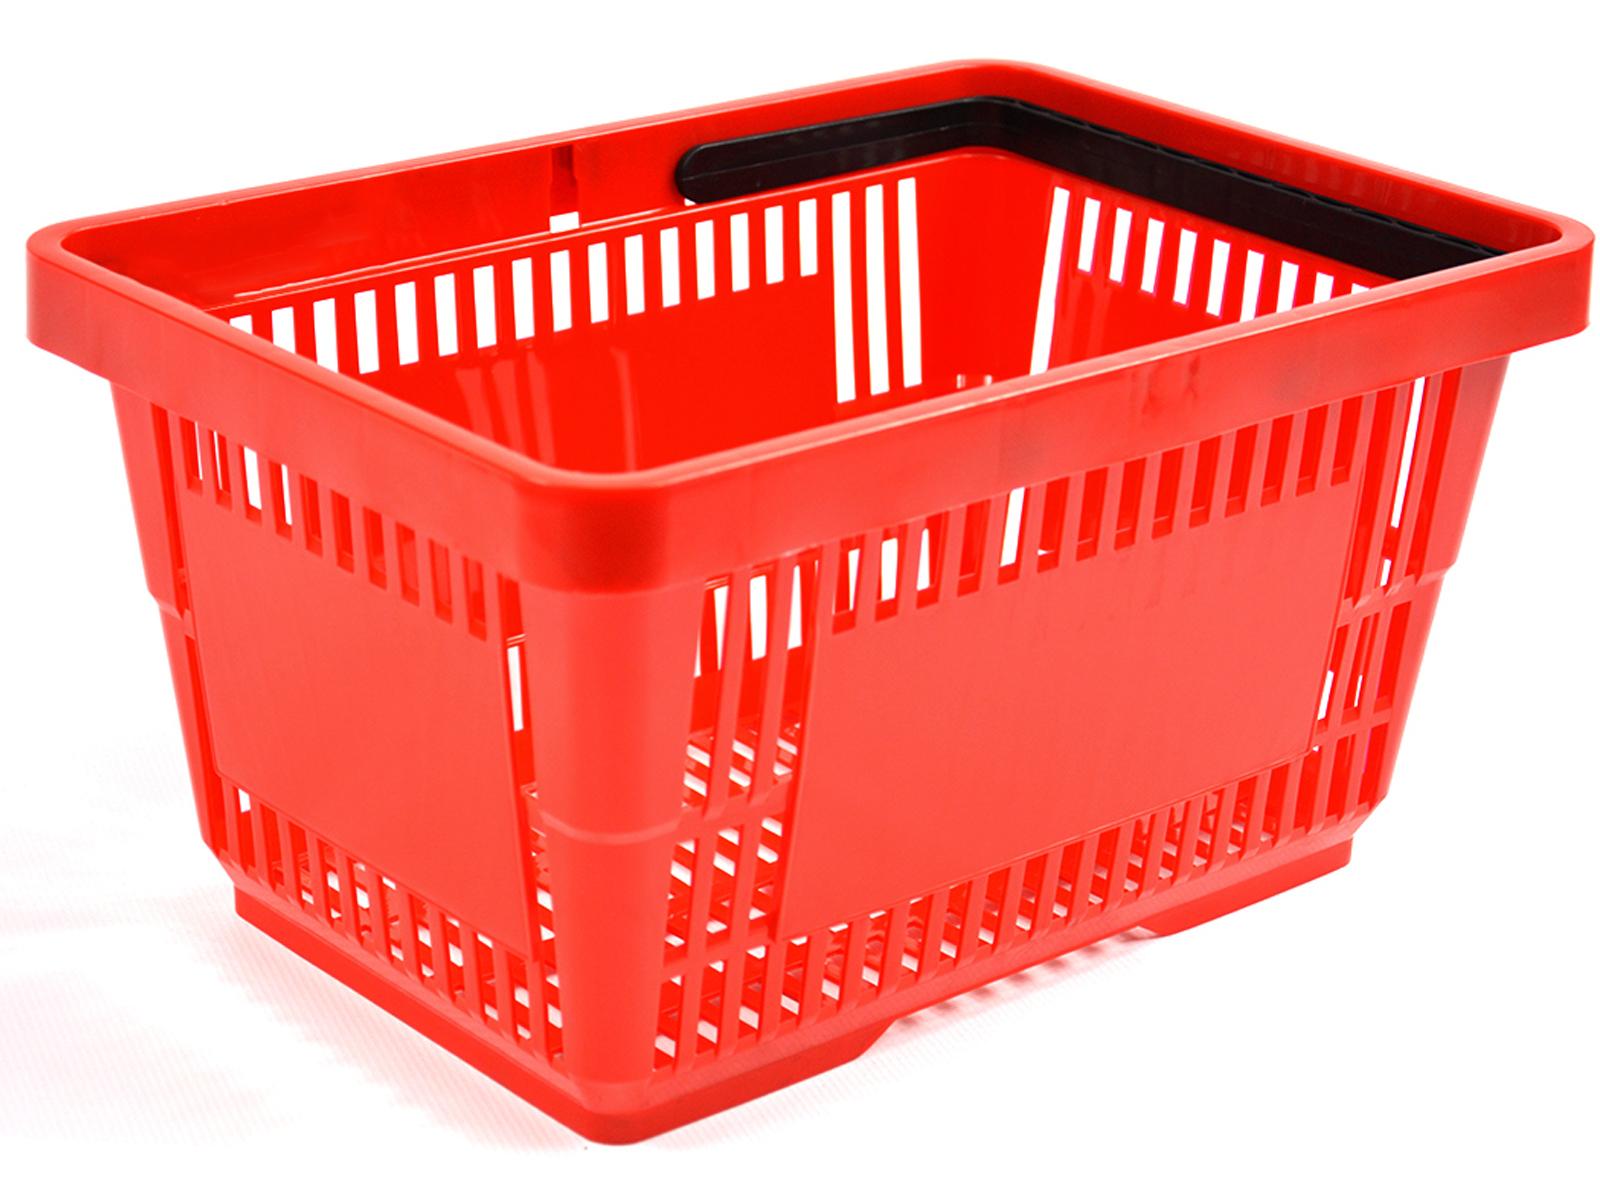 Nákupný nákupný košík Nákupné košíky Koše